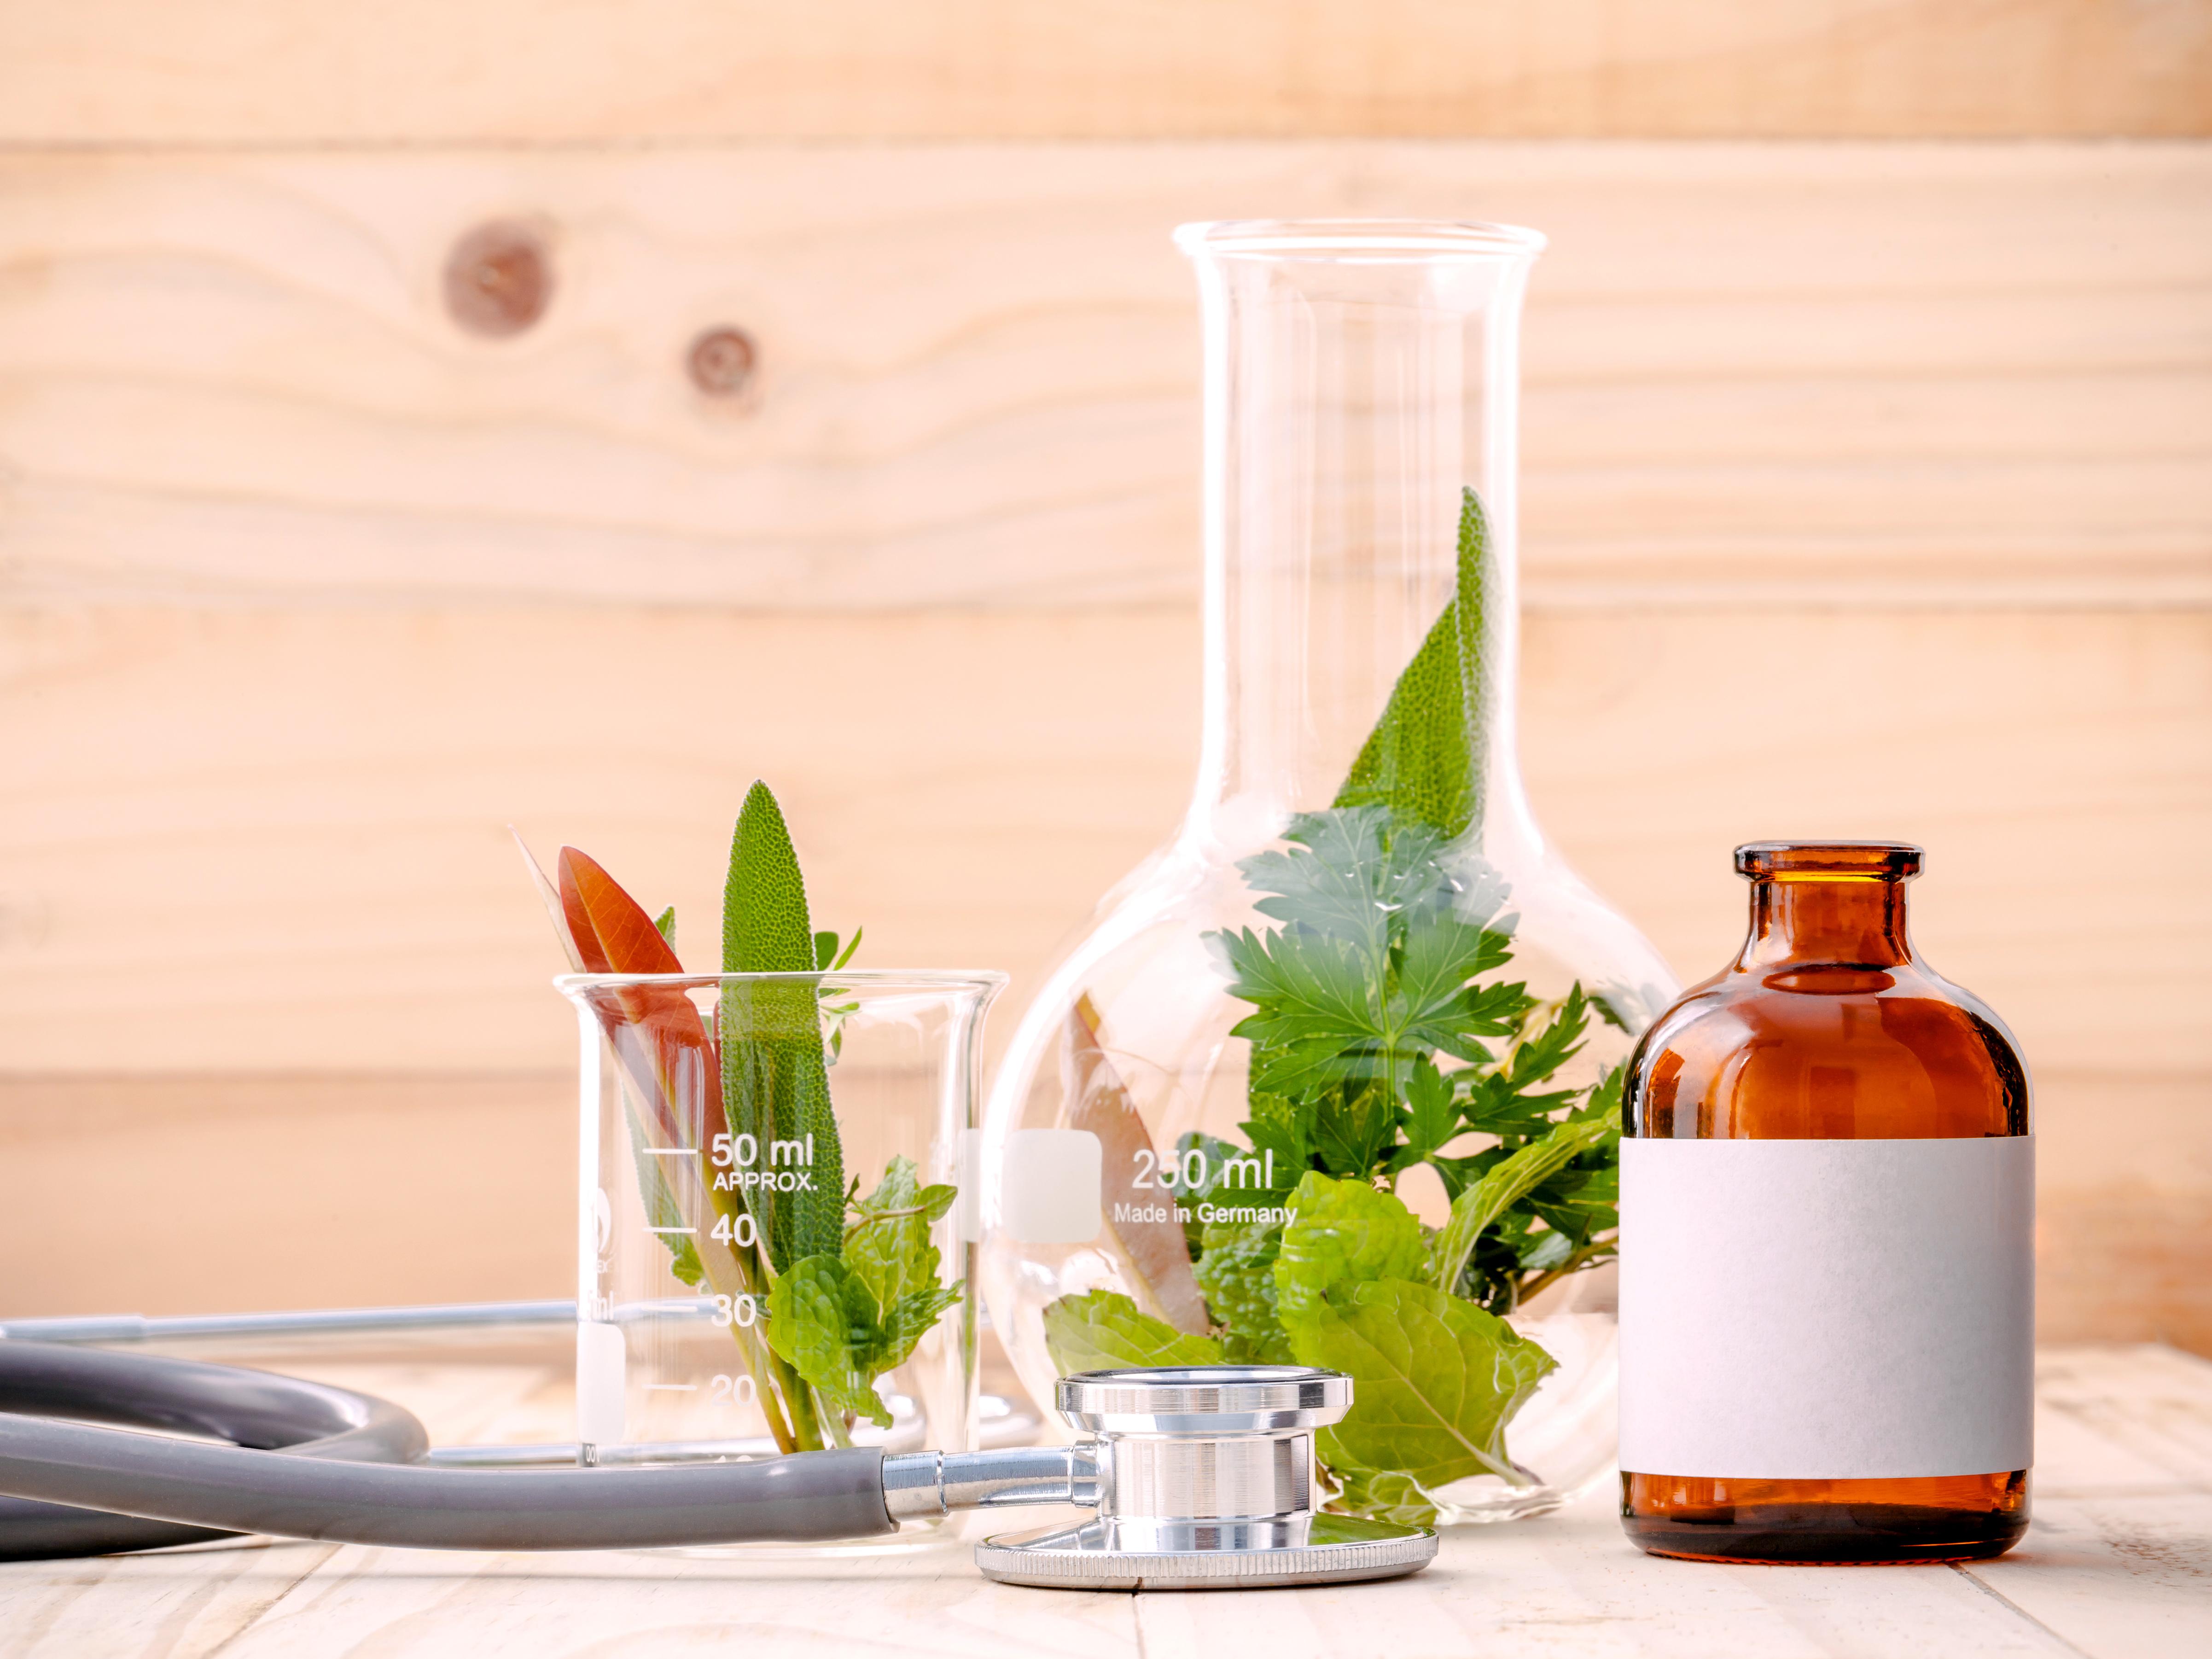 Jenza Aromatherapy product line